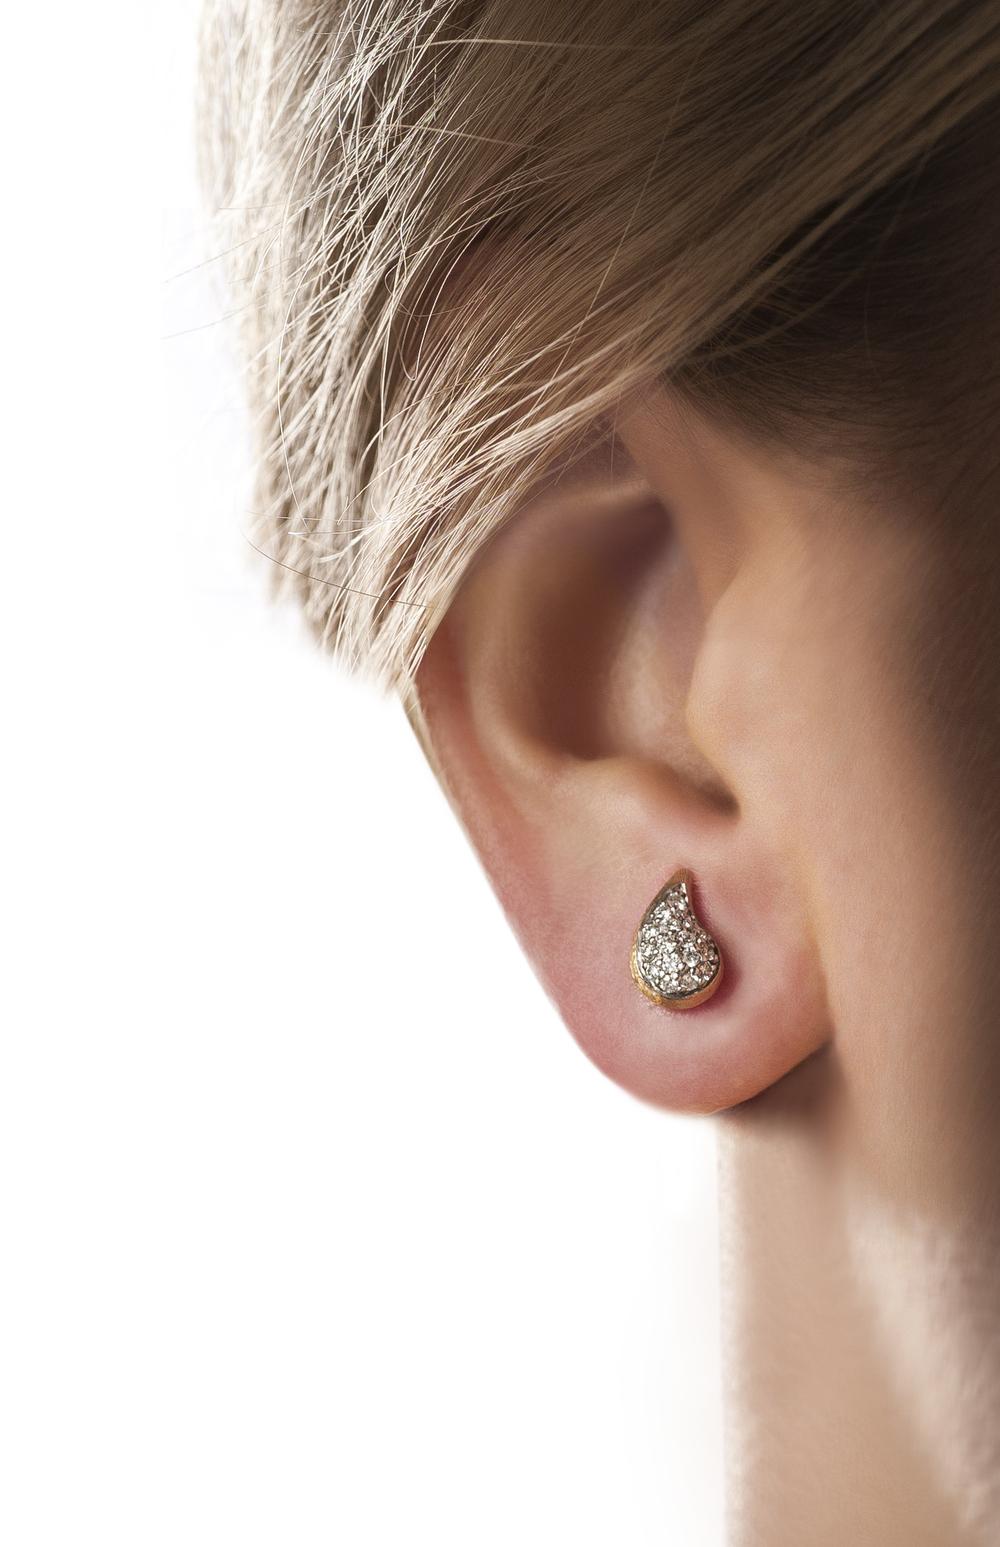 Nanis Pearls | Camarillo CA | Van Gundys